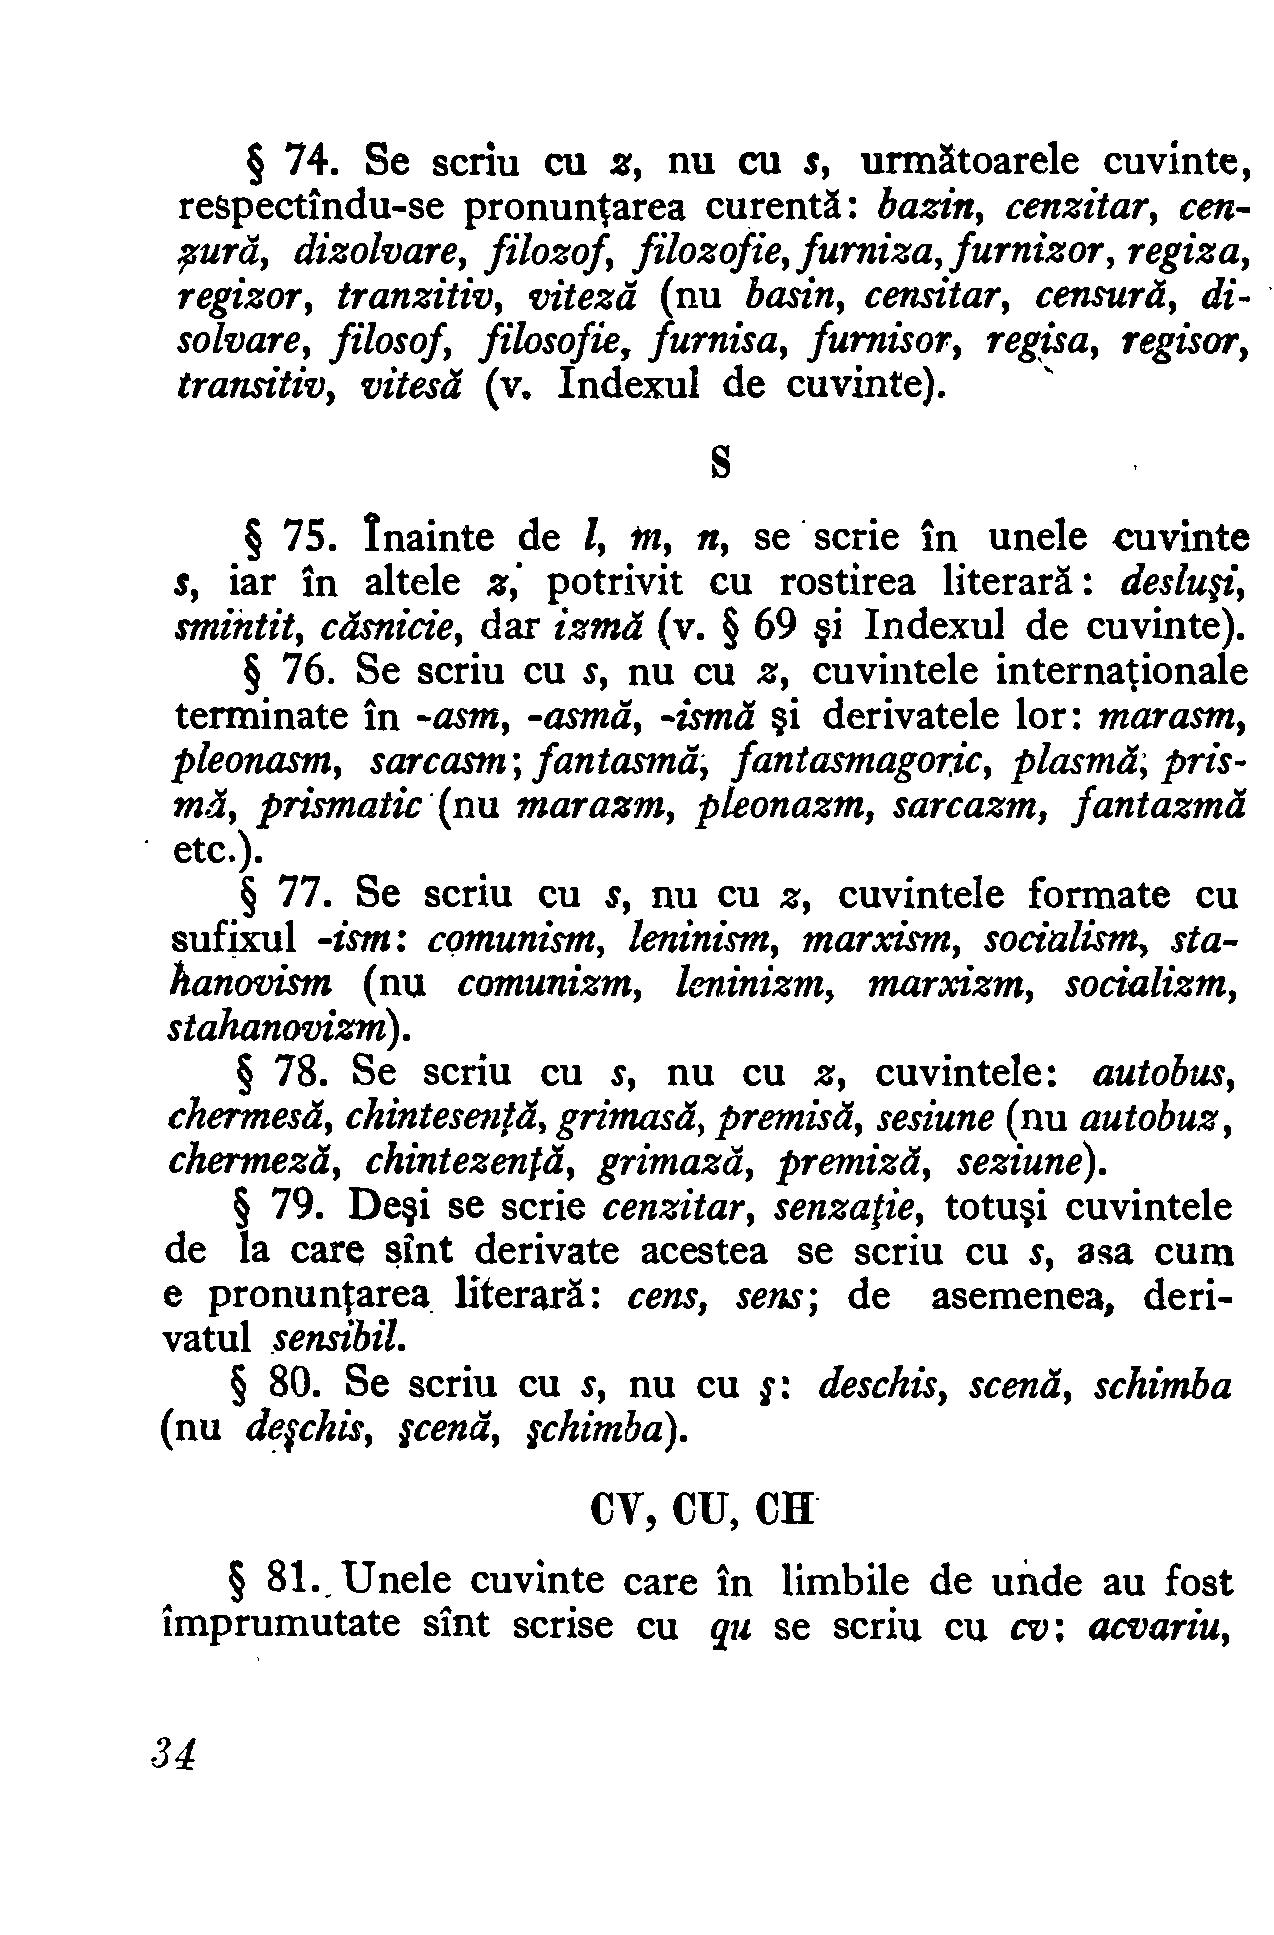 1954 - Mic dicționar ortografic (32).png